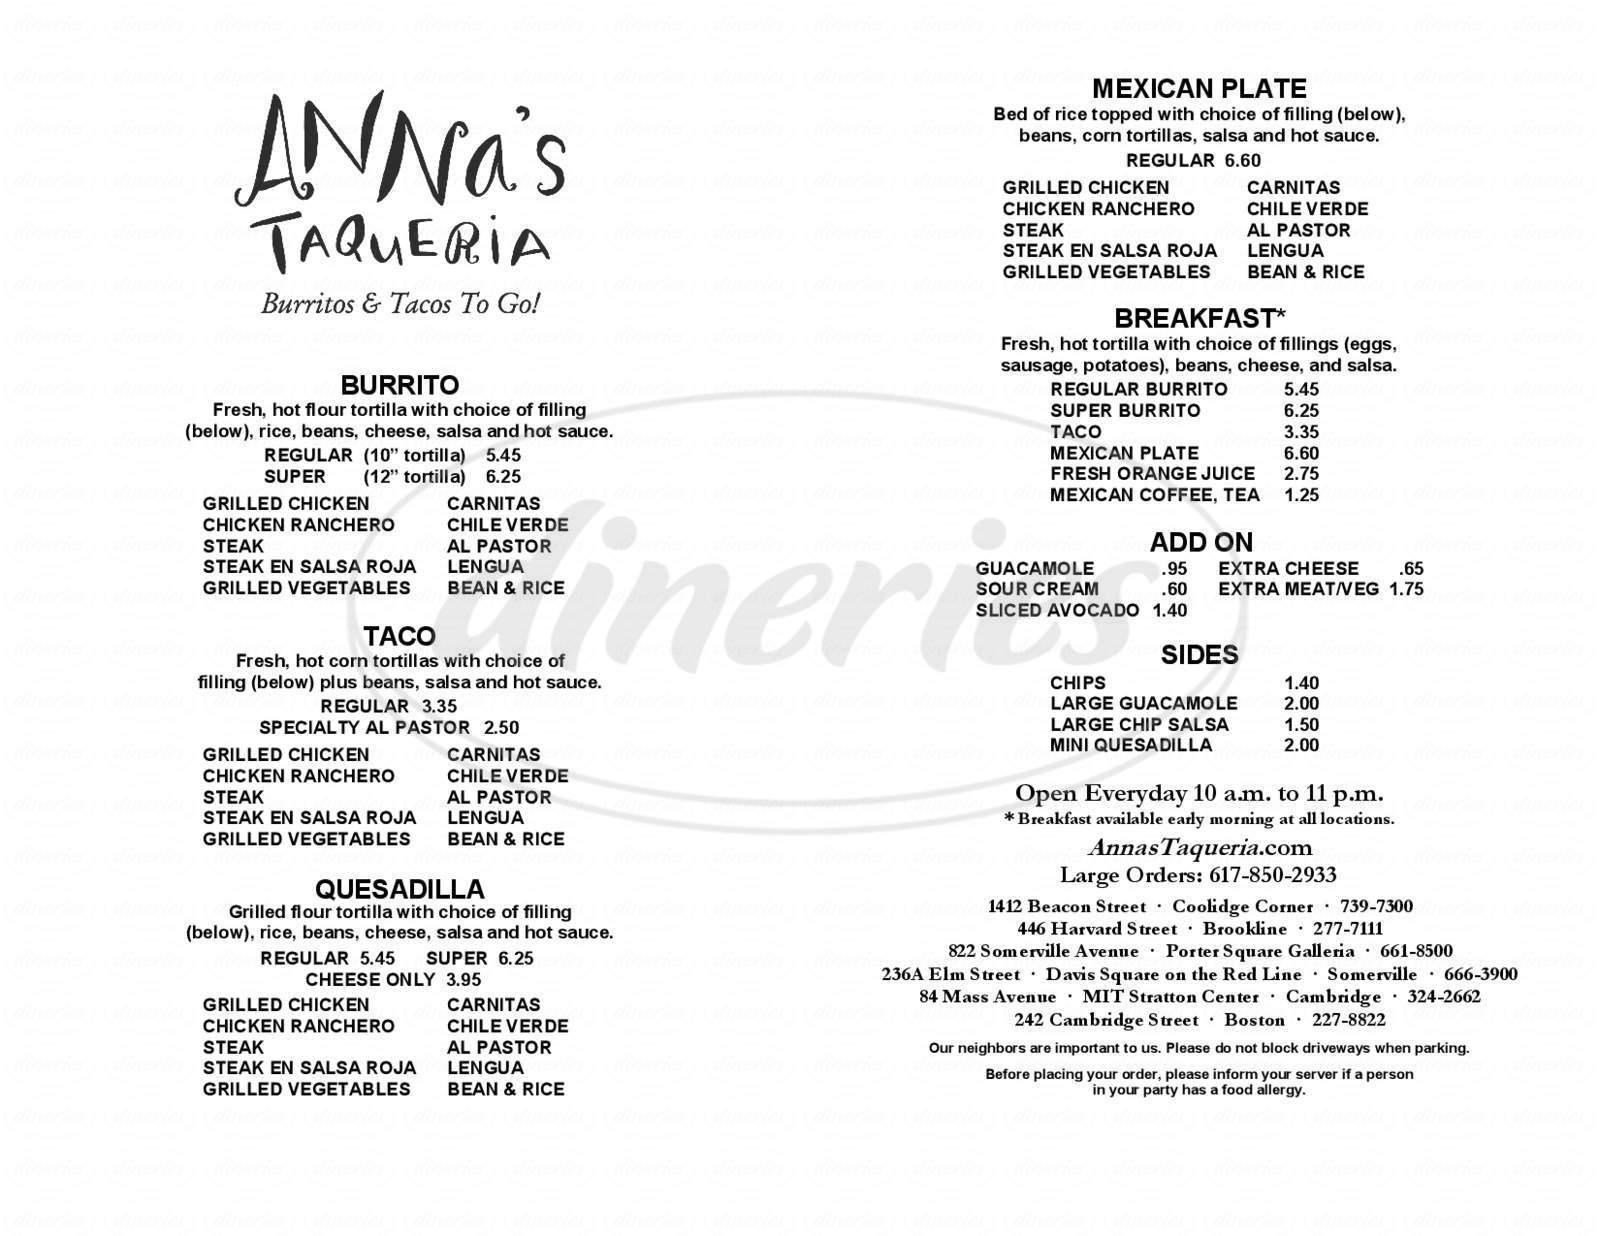 menu for Anna's Taqueria